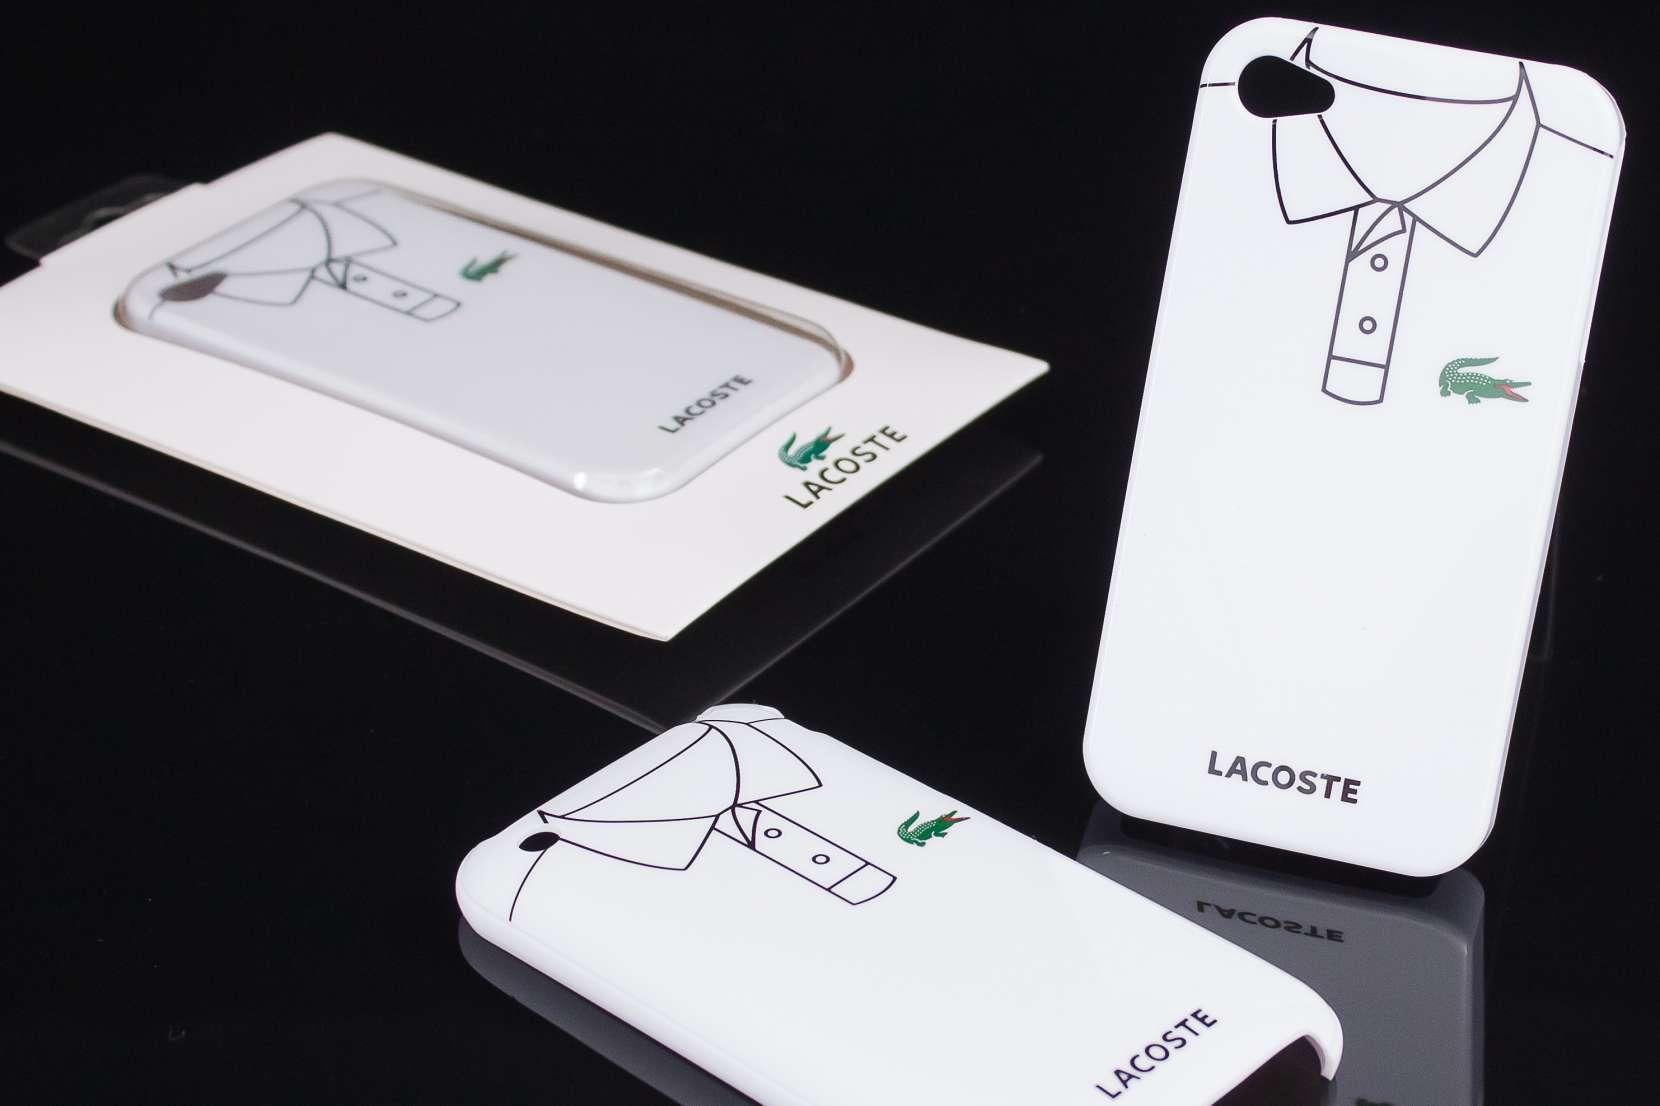 LACOSTE-objet-publicitaire-coque-iphone-2276.jpg